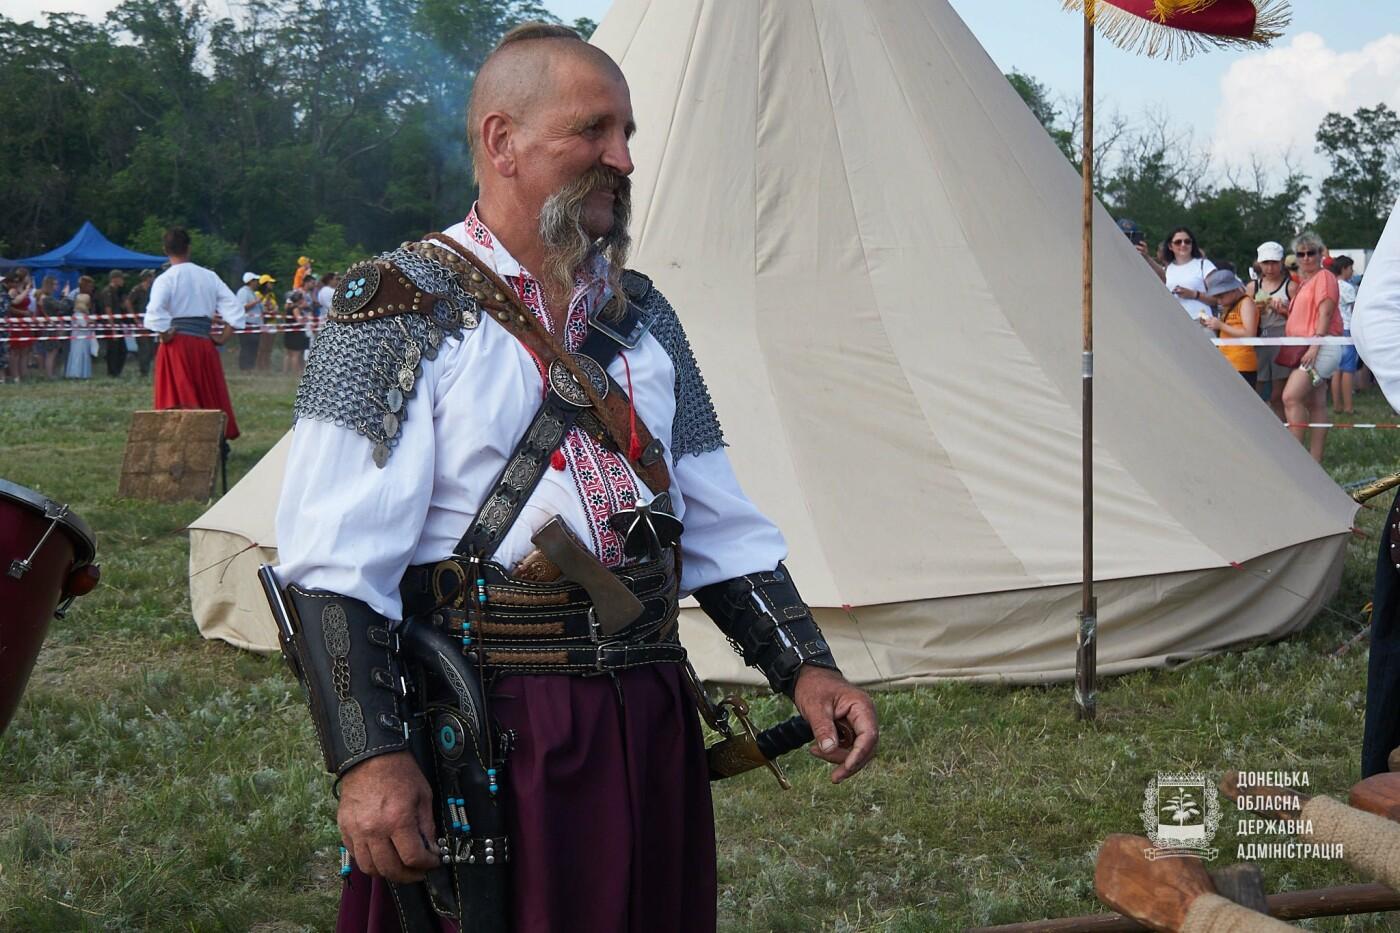 В Донецкой области открылся фестиваль исторических реконструкций «Дикое поле. Путь в Европу», - ФОТО, фото-8